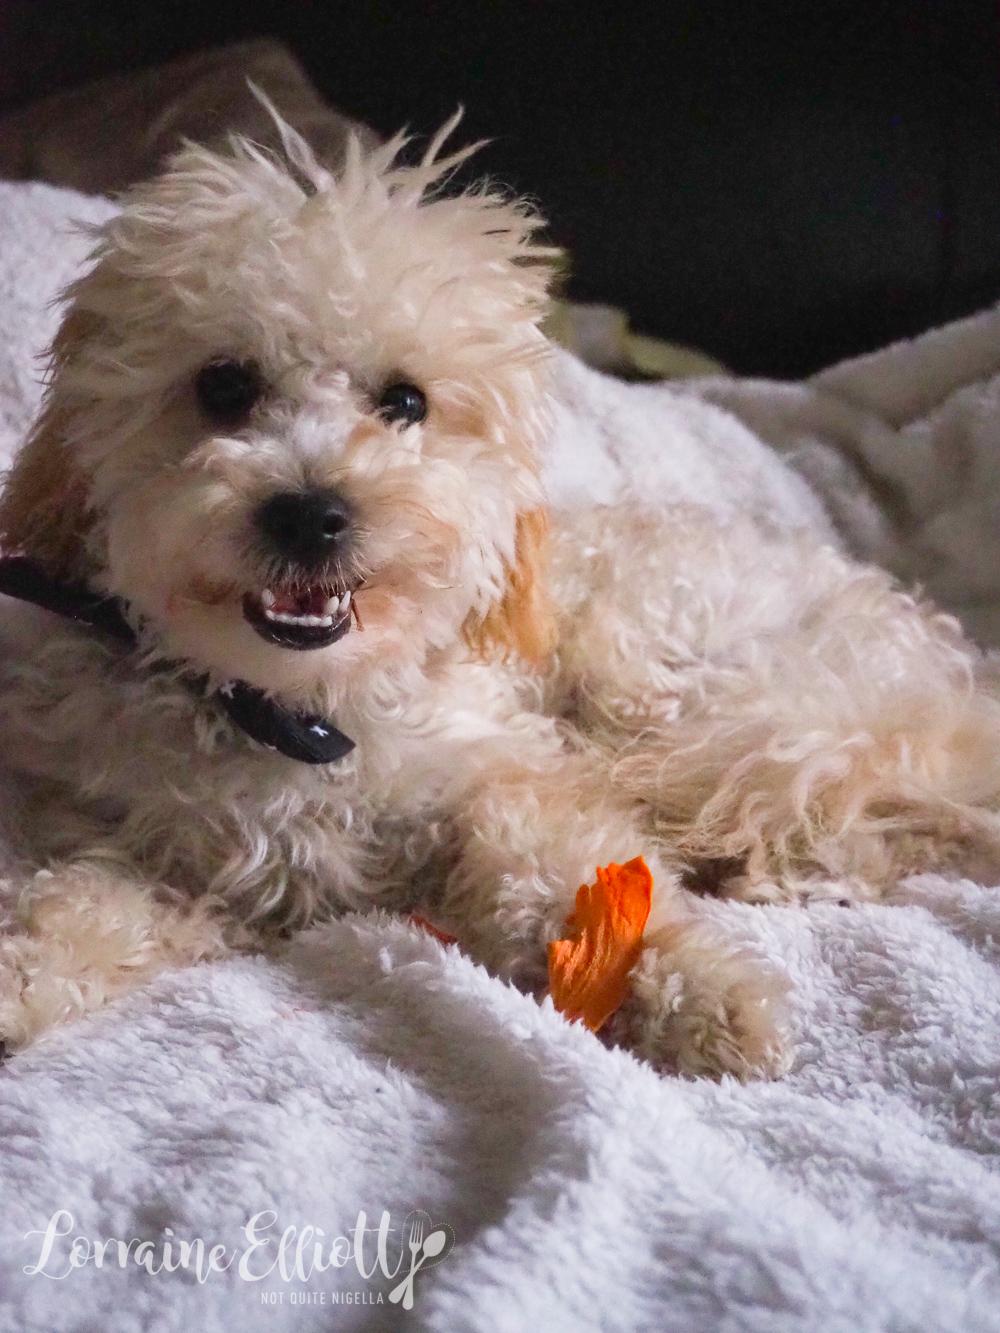 Dog Treats Sweet Potato No Additives